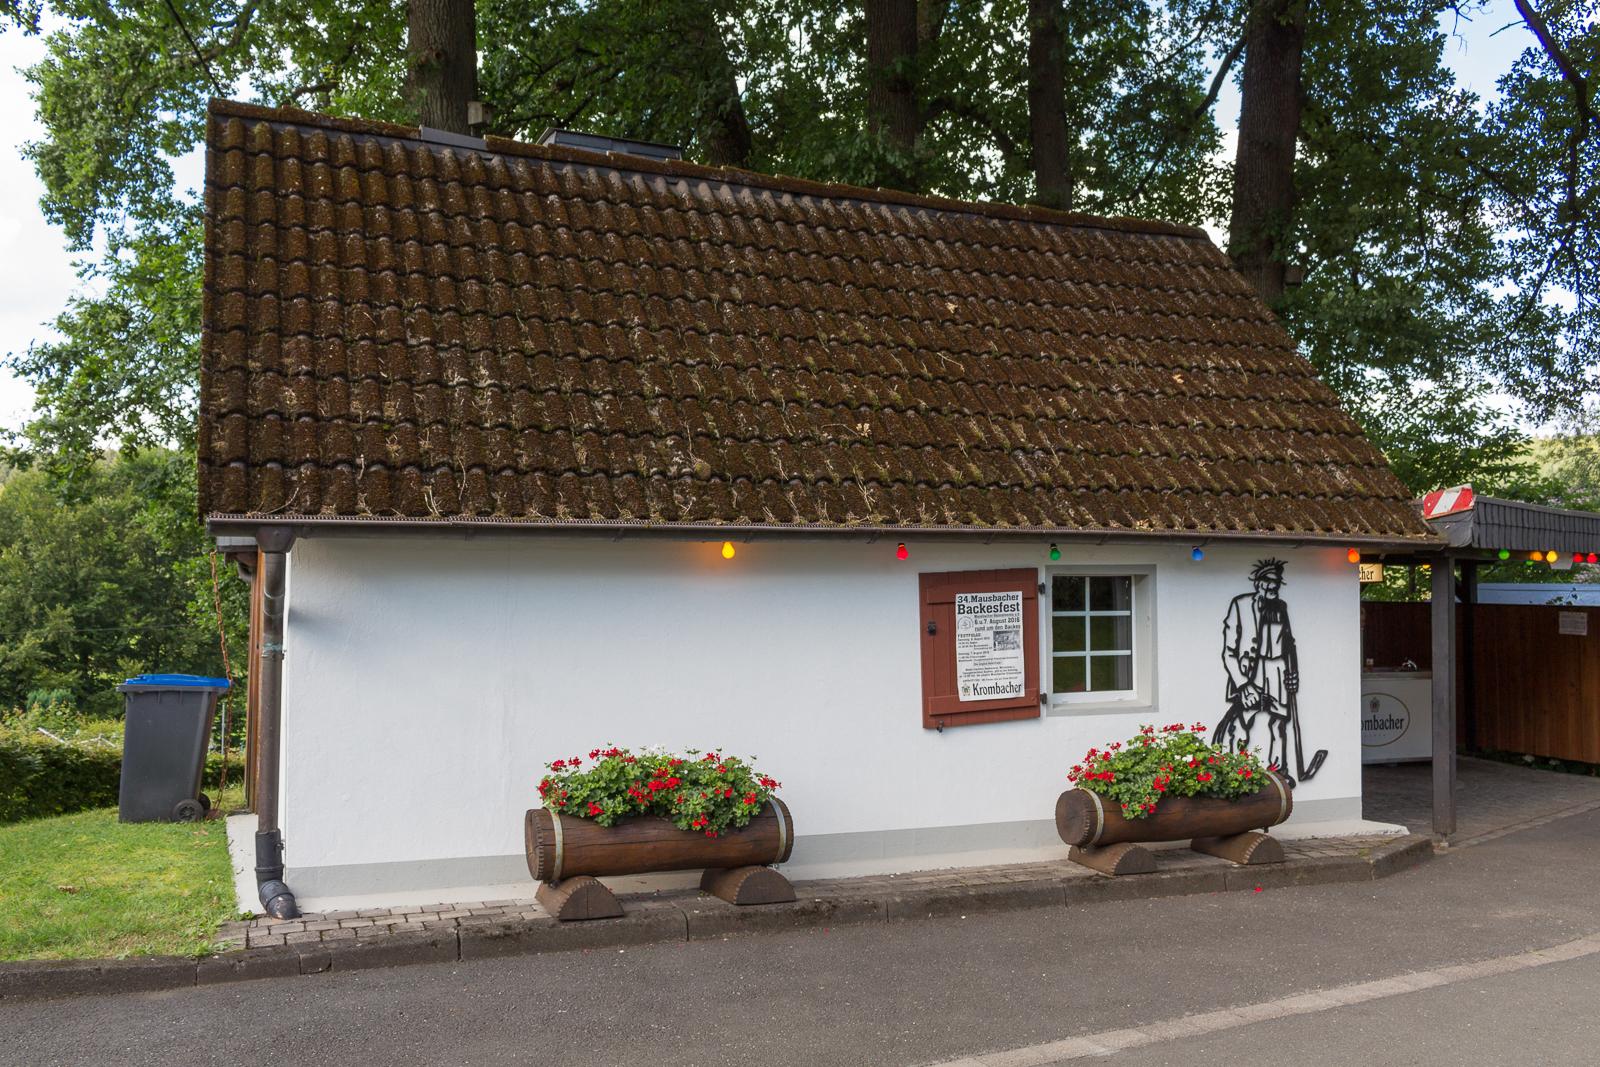 Siegerland, Backes, Brot backen